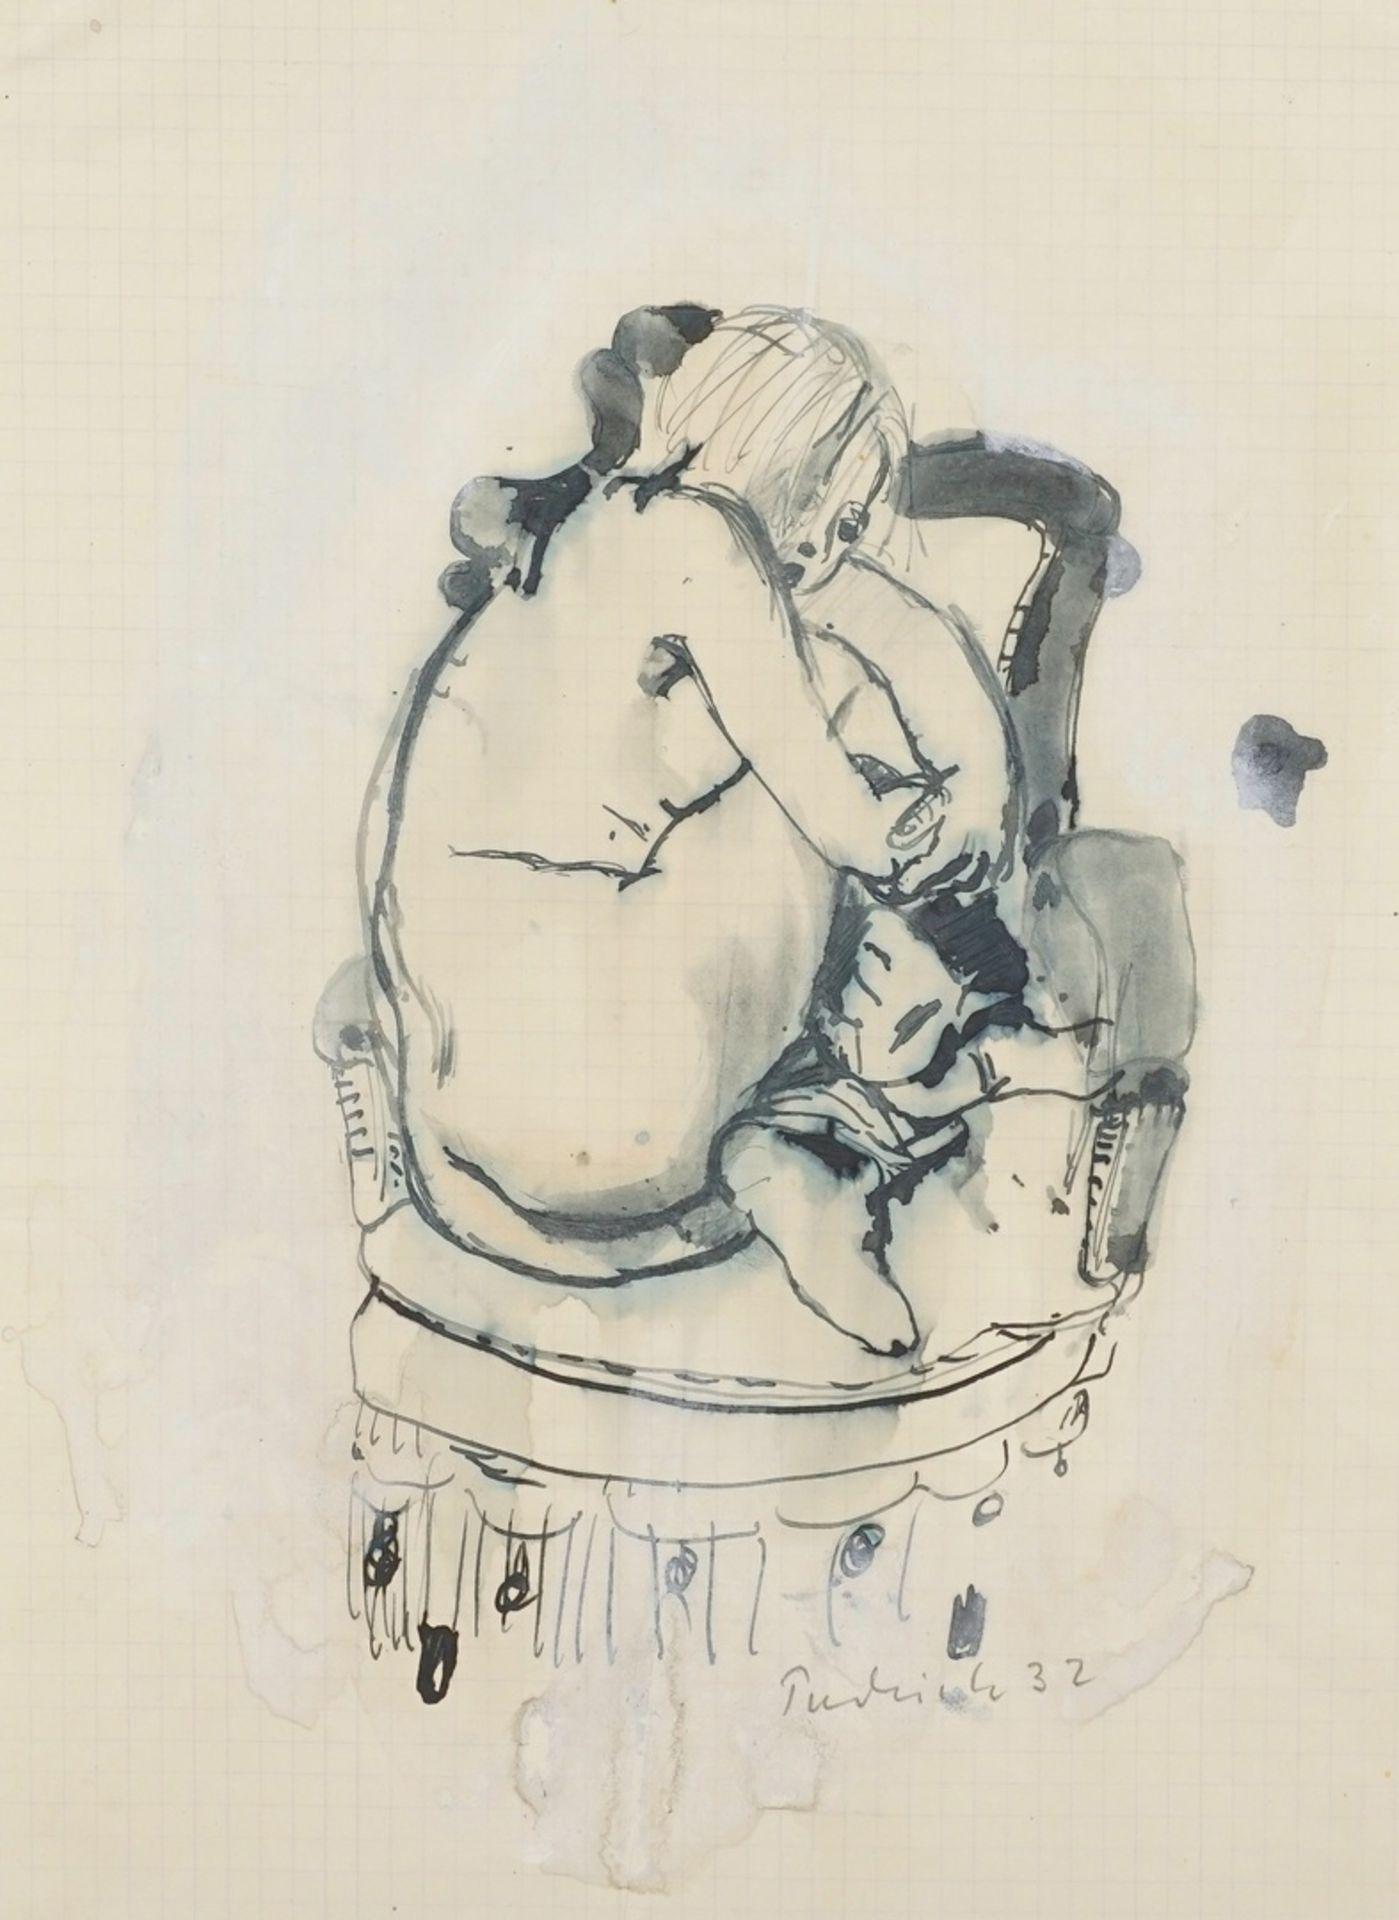 Robert Pudlich, Kauernder Frauenakt auf einem Fauteuil